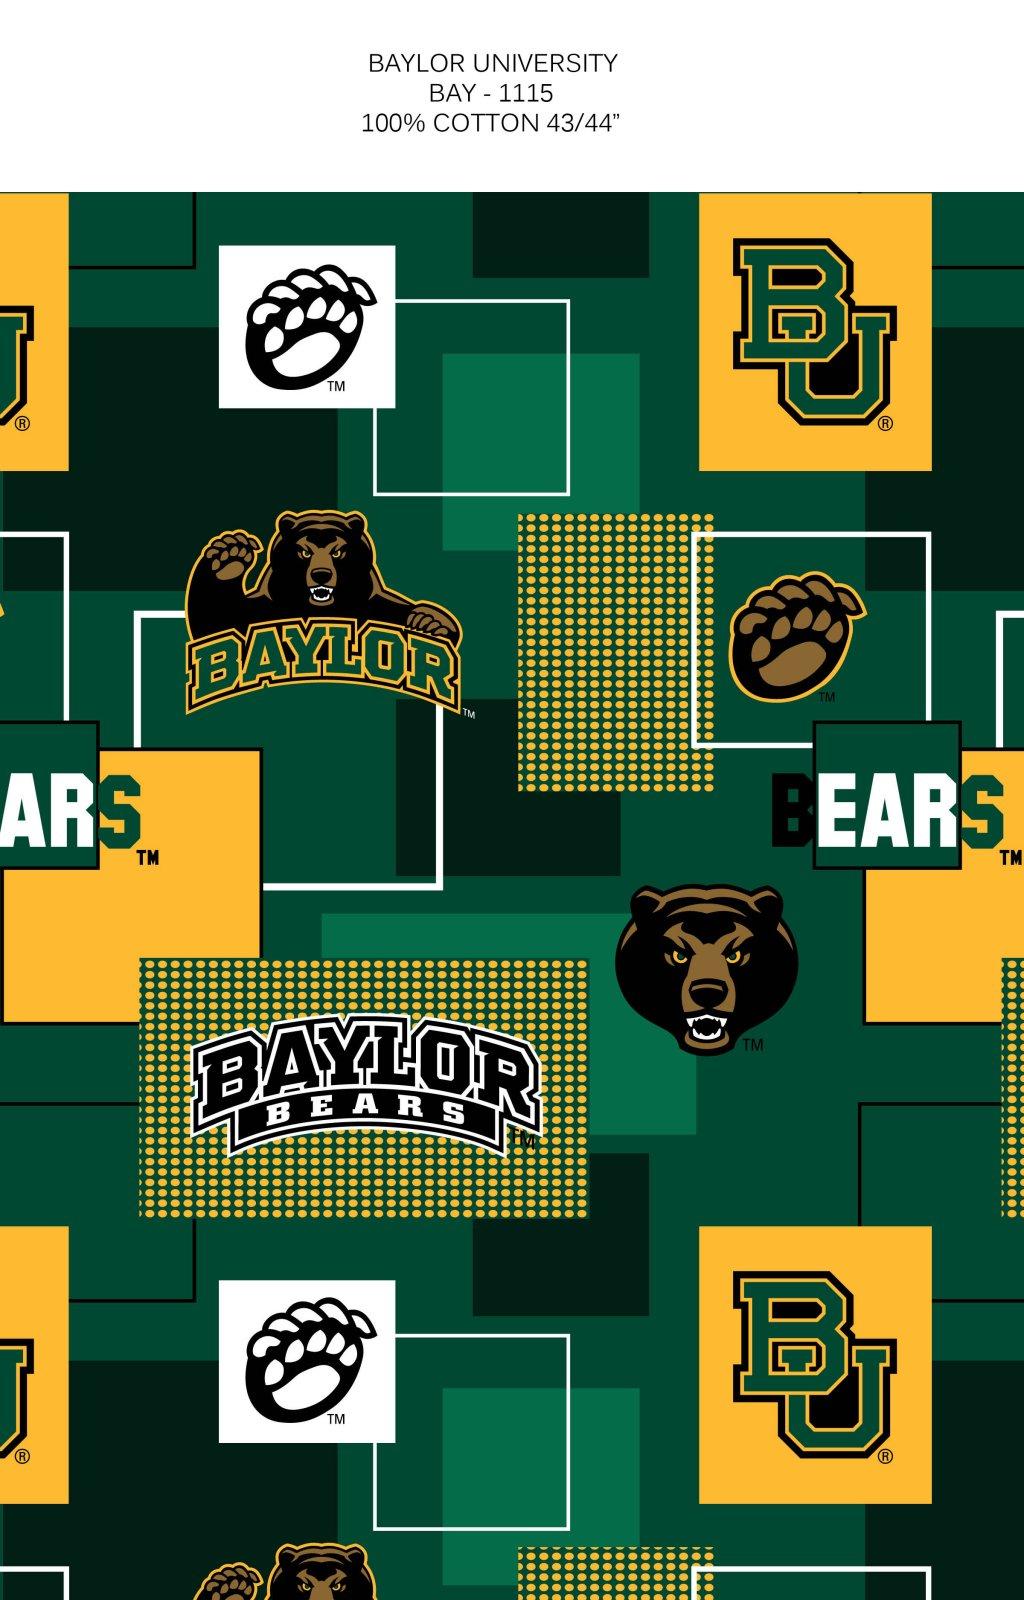 Baylor University 1yd remnant